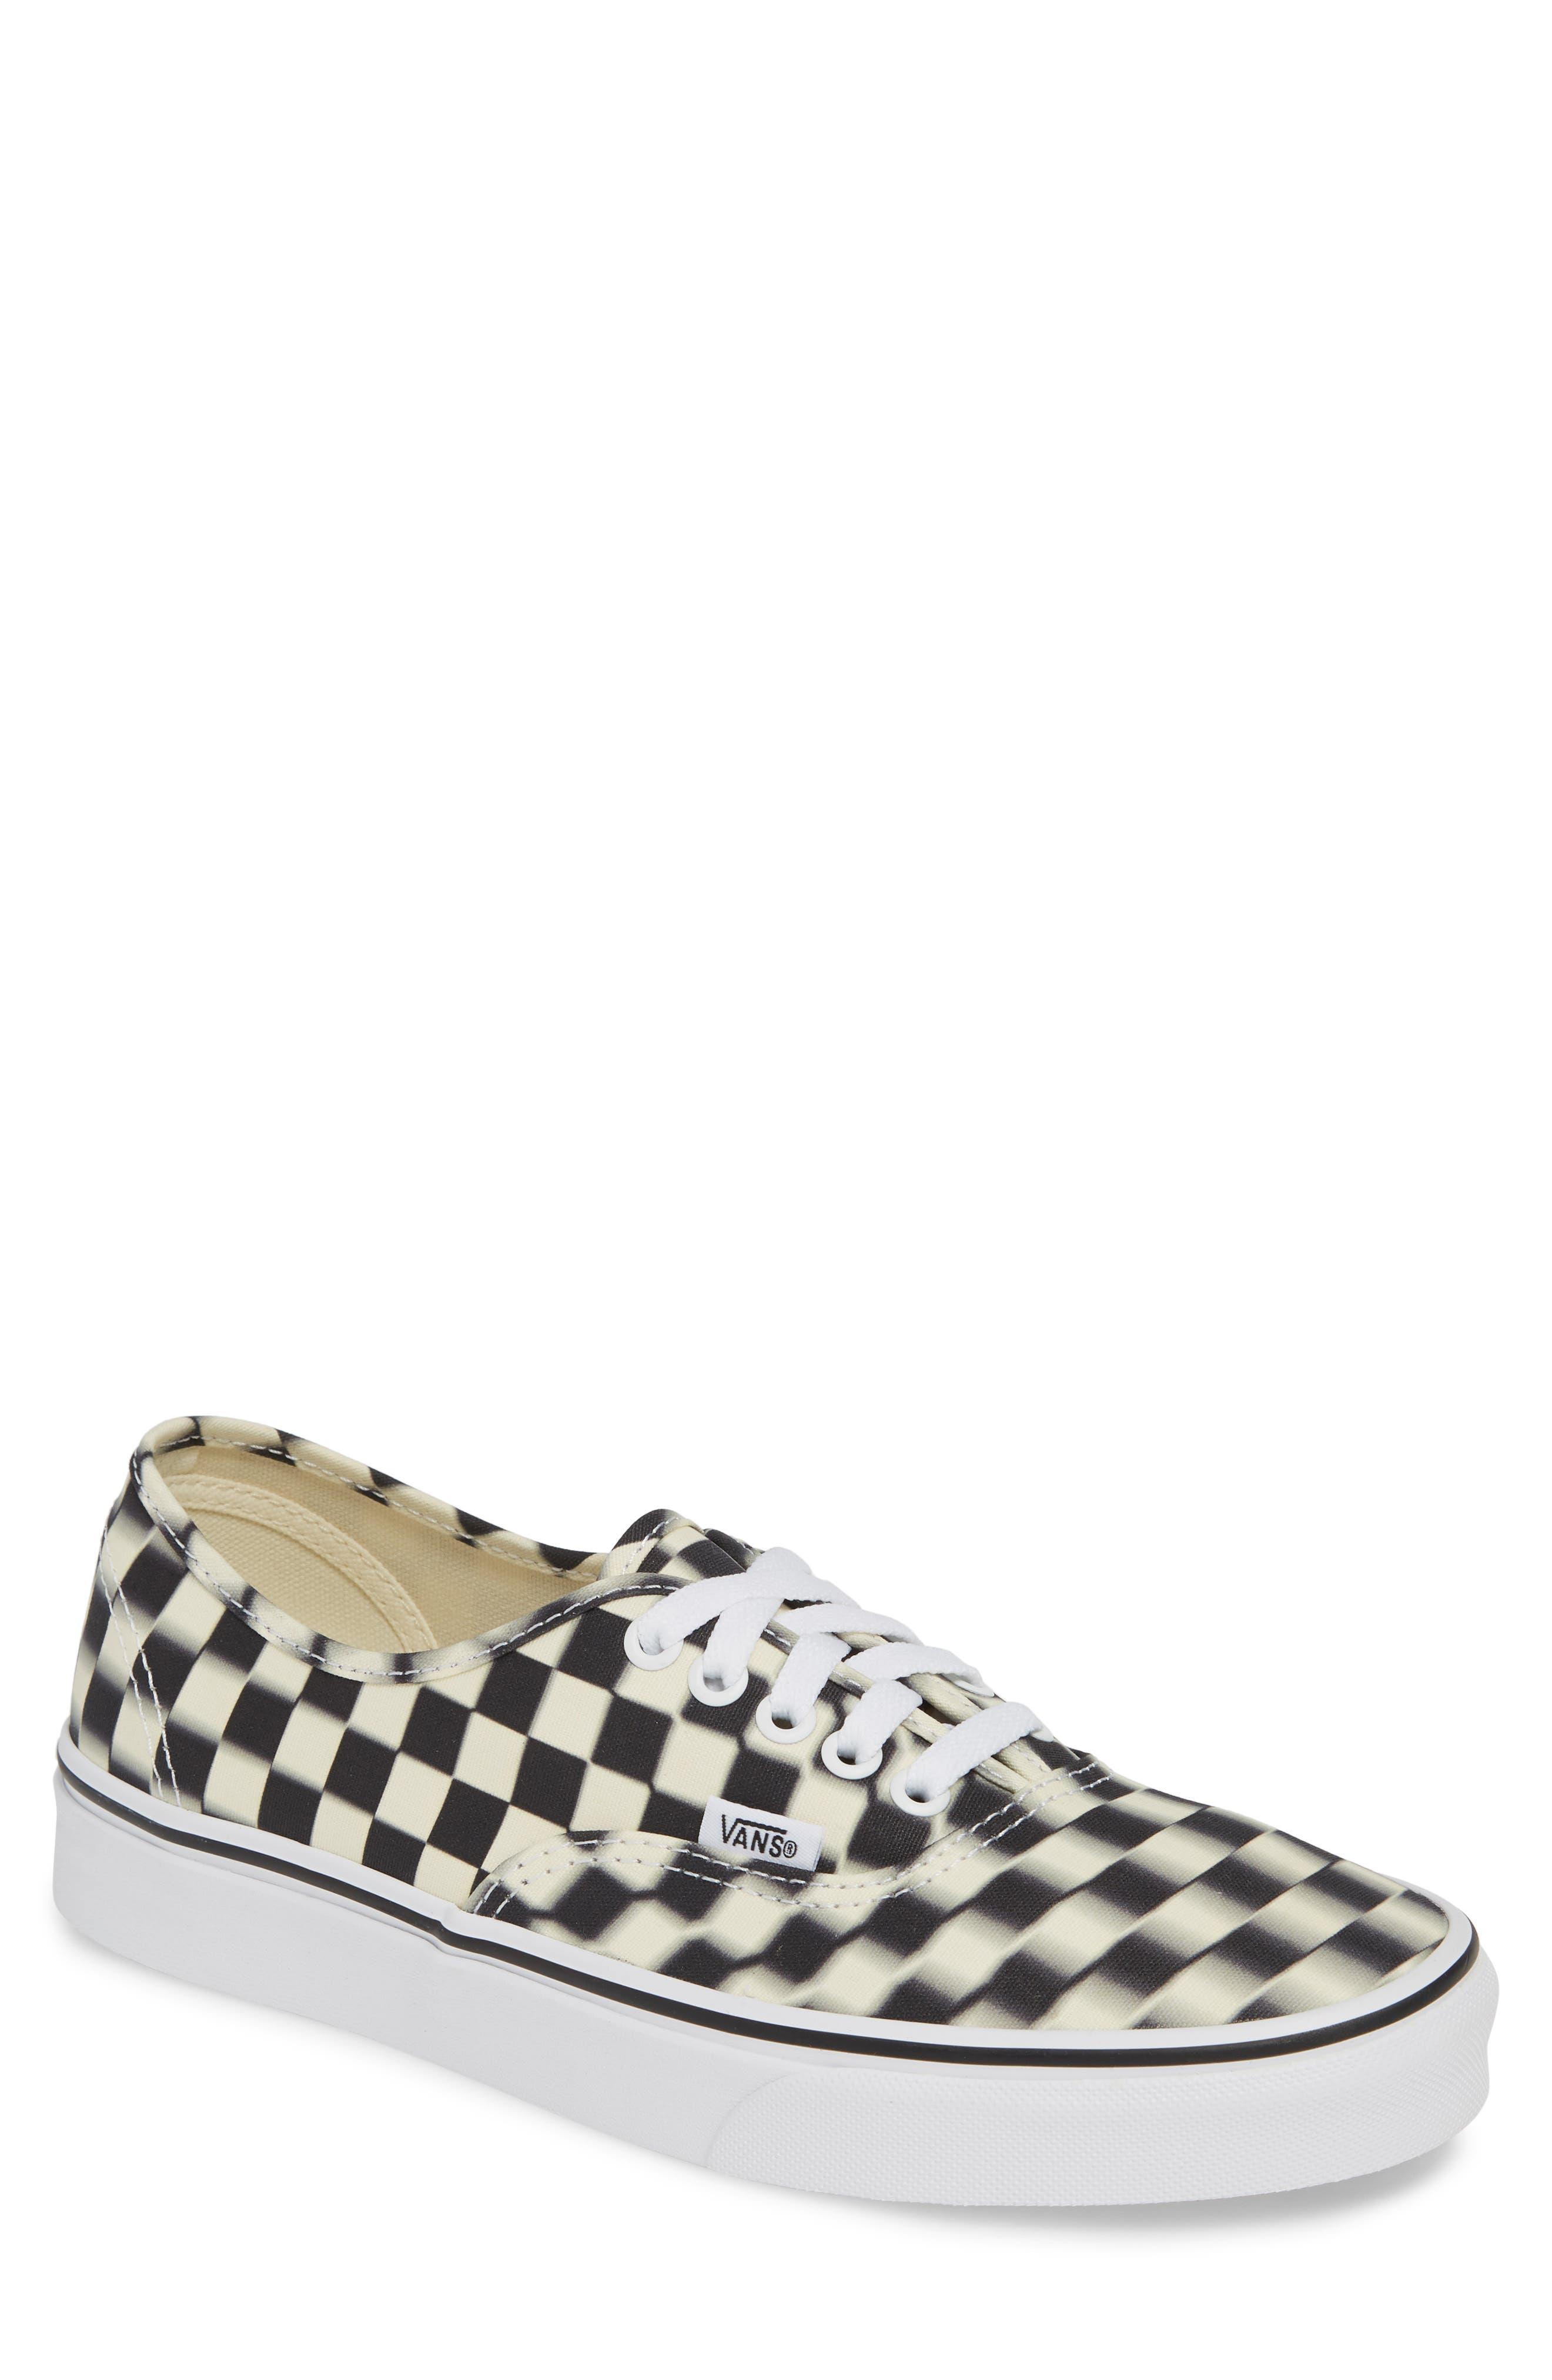 VANS,                             UA Authentic Sneaker,                             Main thumbnail 1, color,                             BLACK/ CLASSIC WHITE CHECK